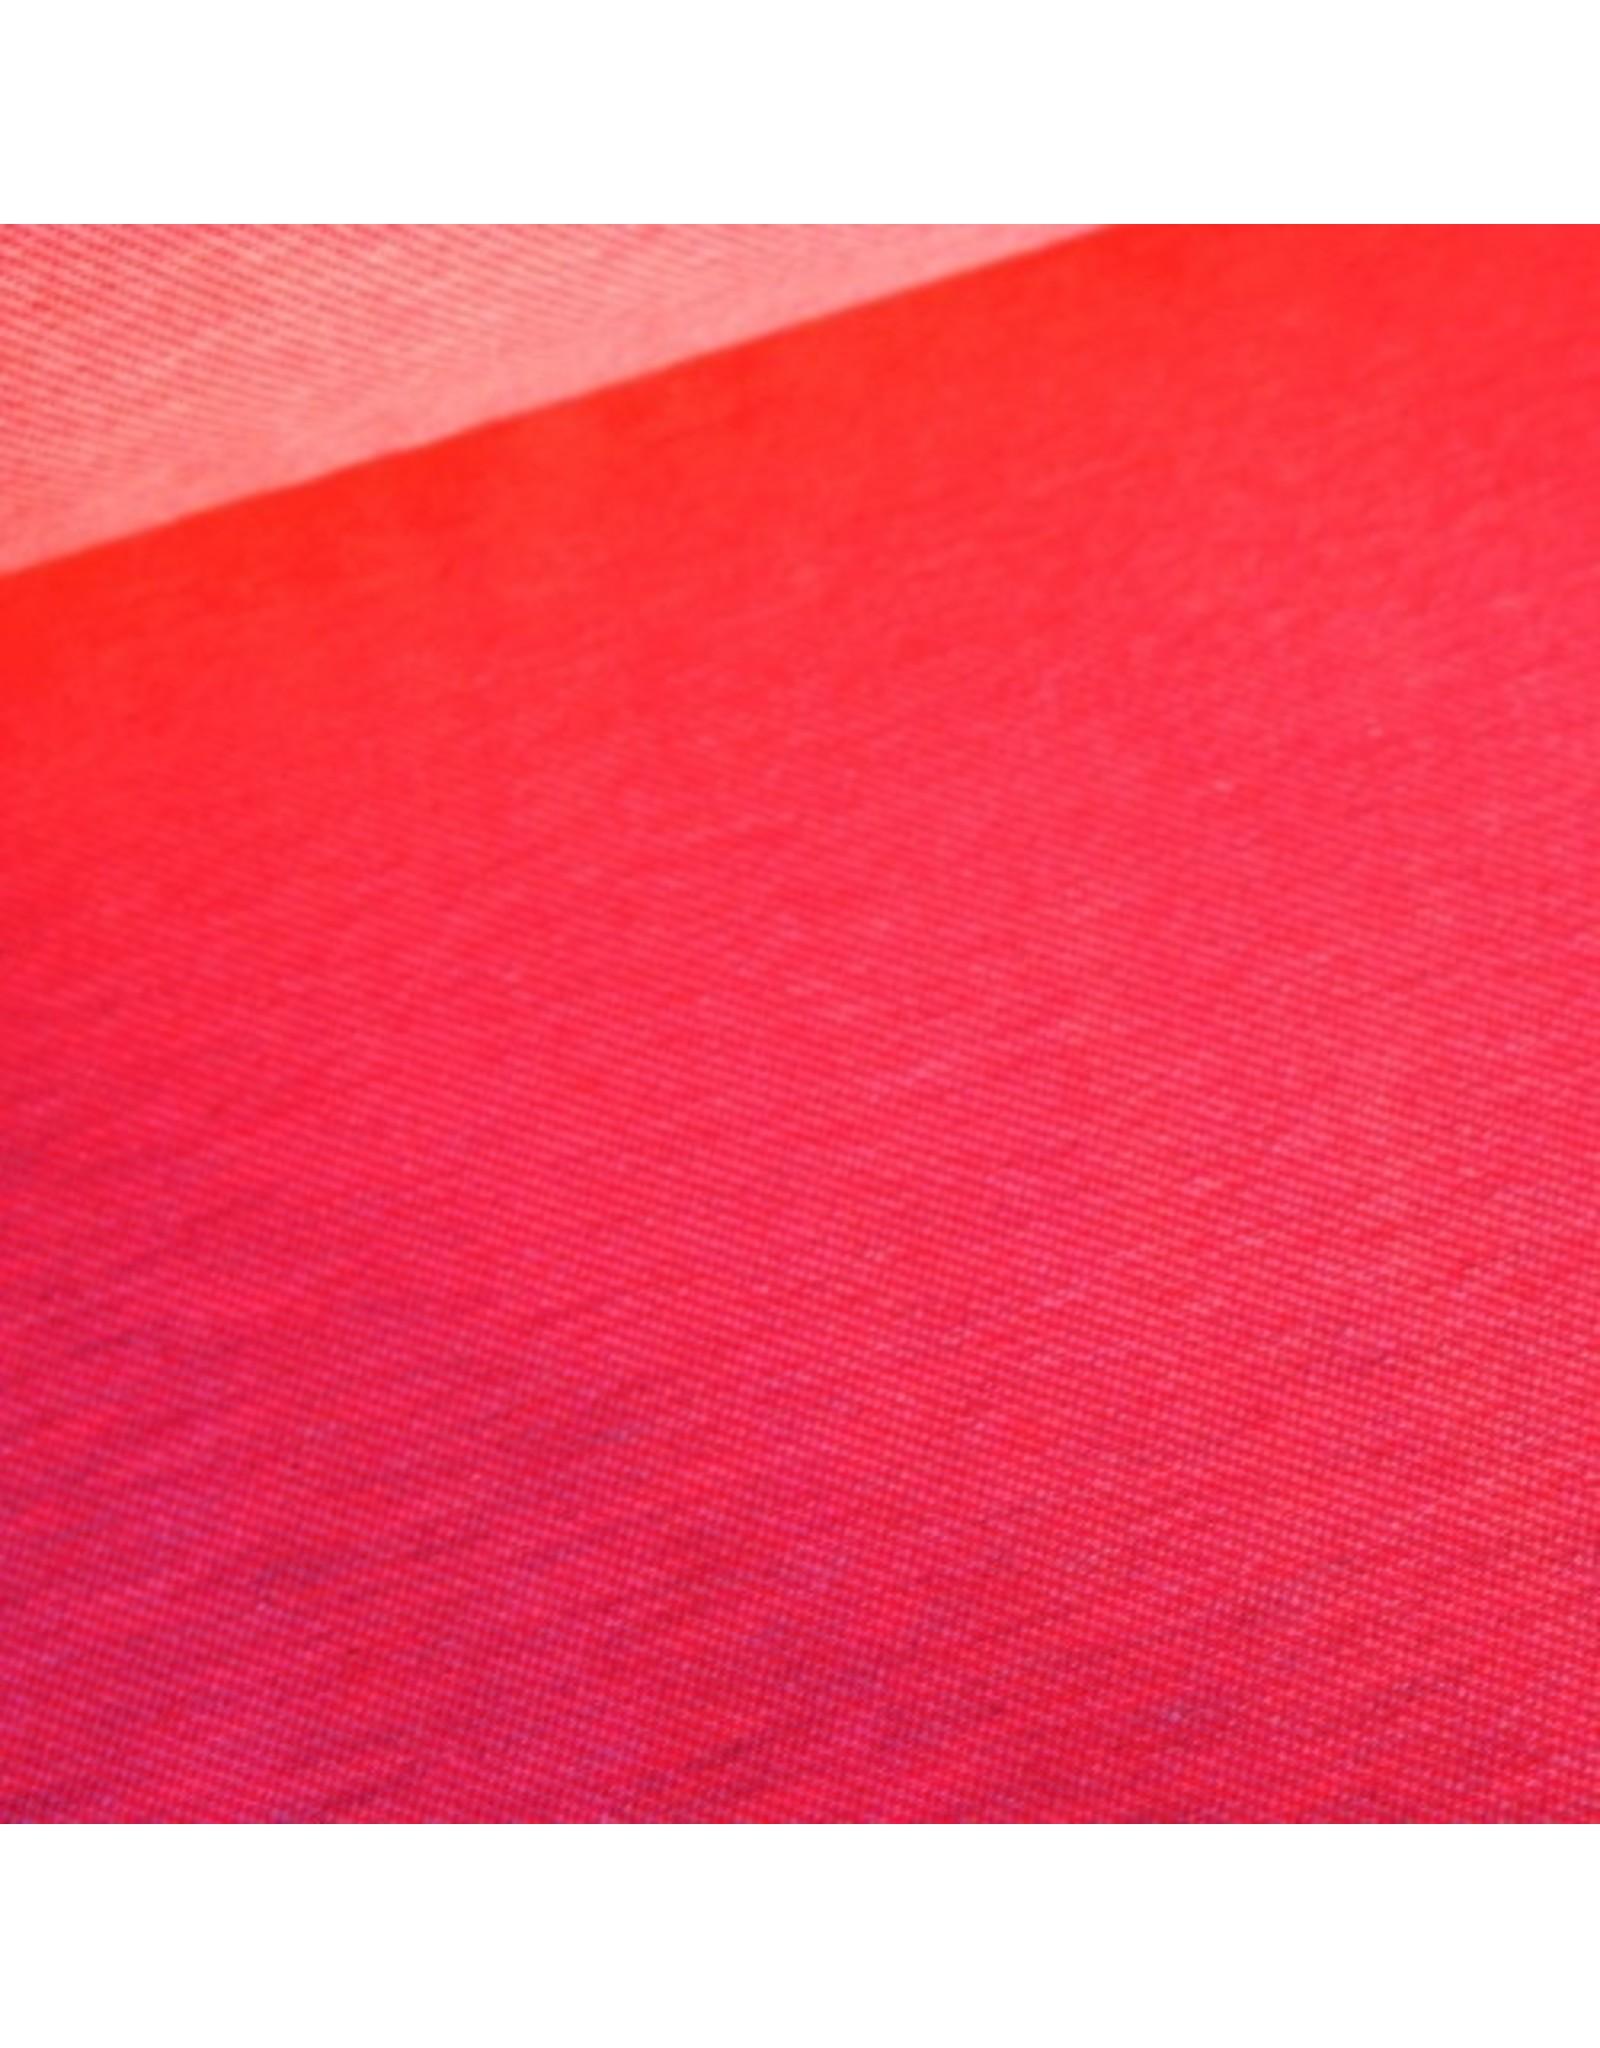 Stik-Stof Neon Roze